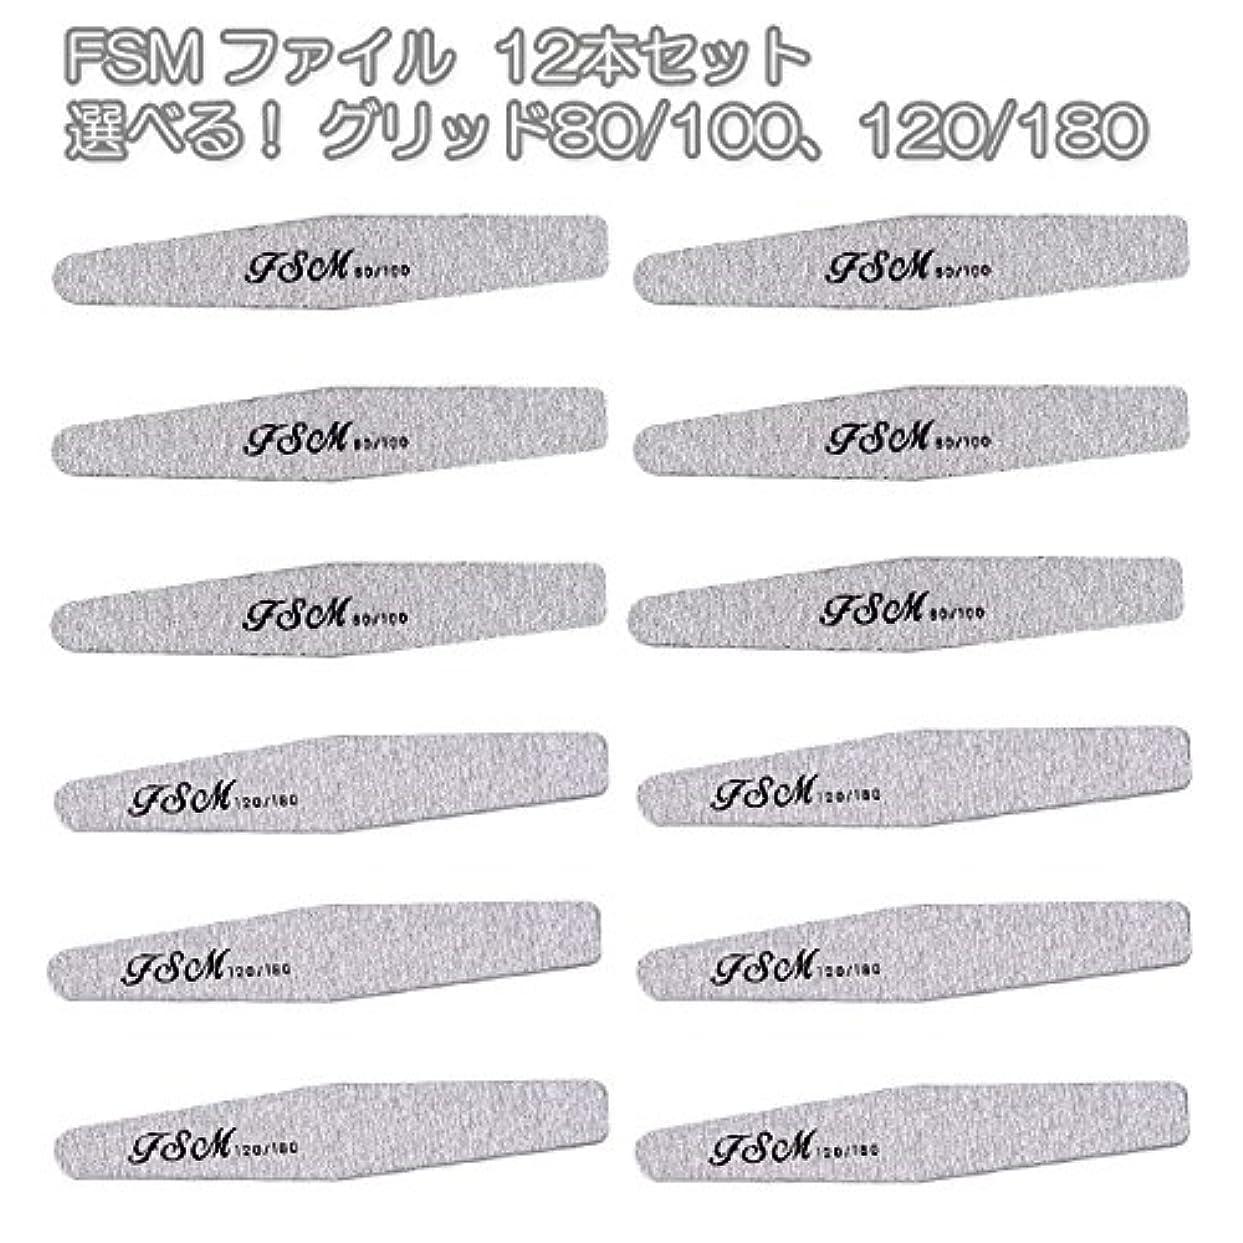 カロリー開発明日FSM ネイルファイル/バッファー12本セット(選べる!グリッド80/100、120/180) (G80/100の12本)